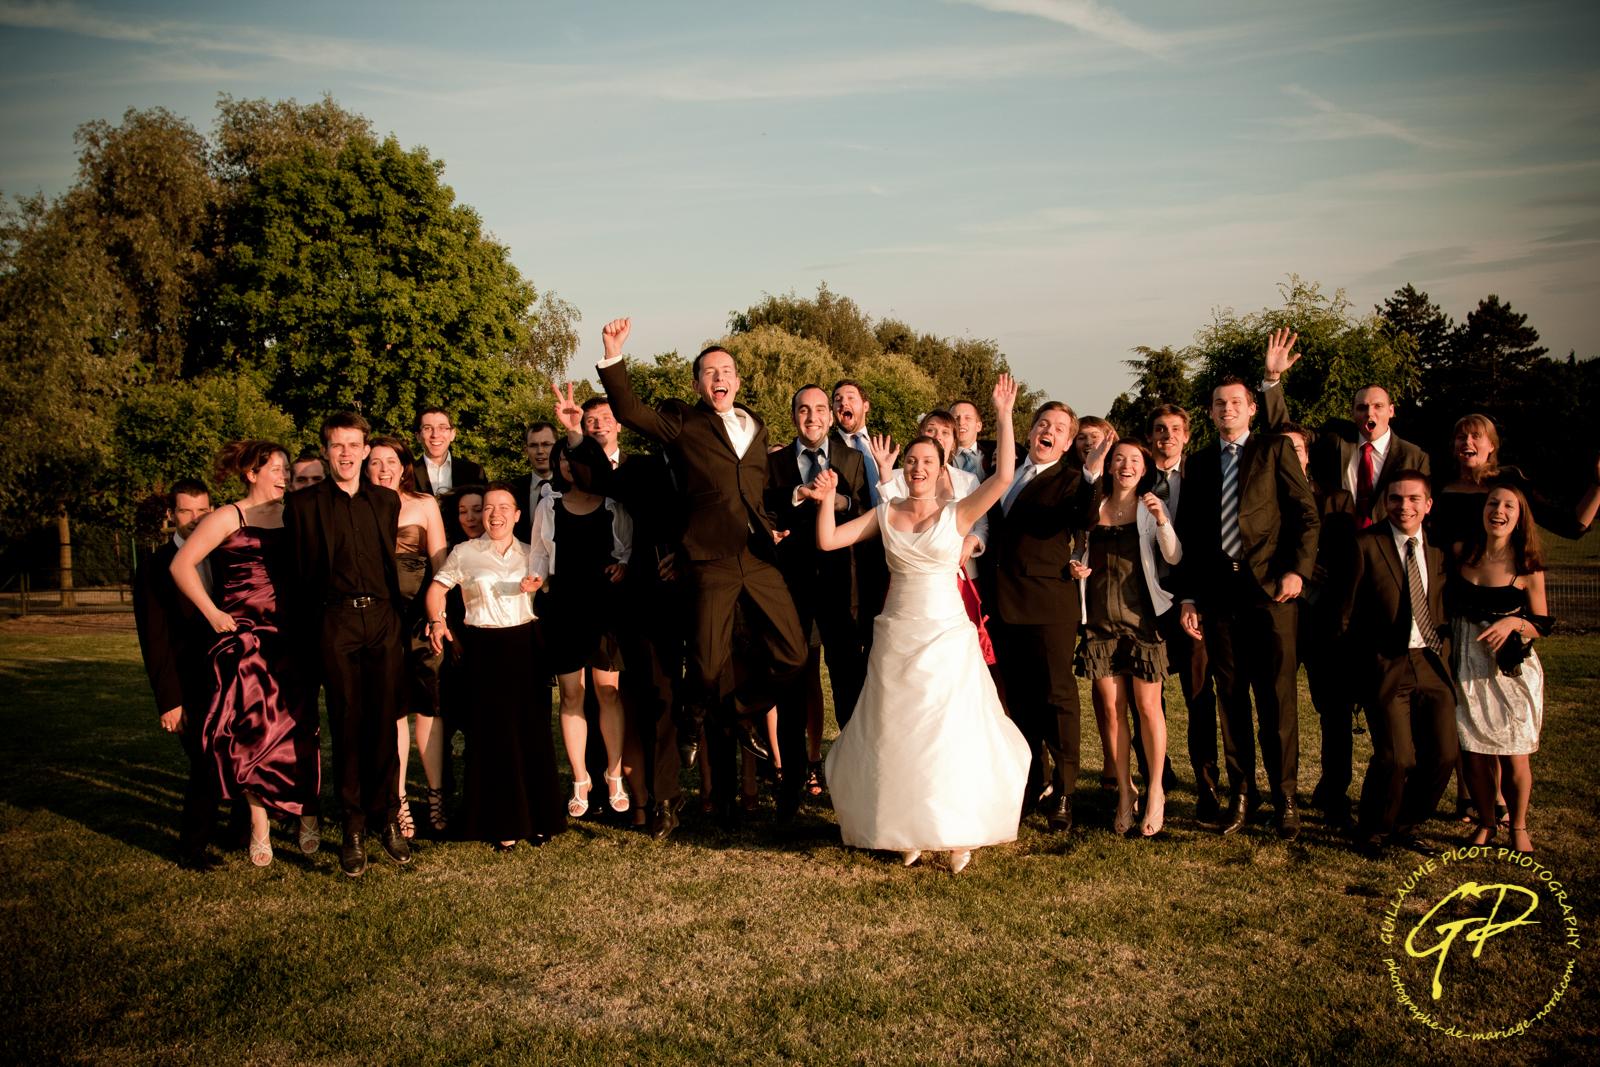 mariage ferme du reposoir kain-8651